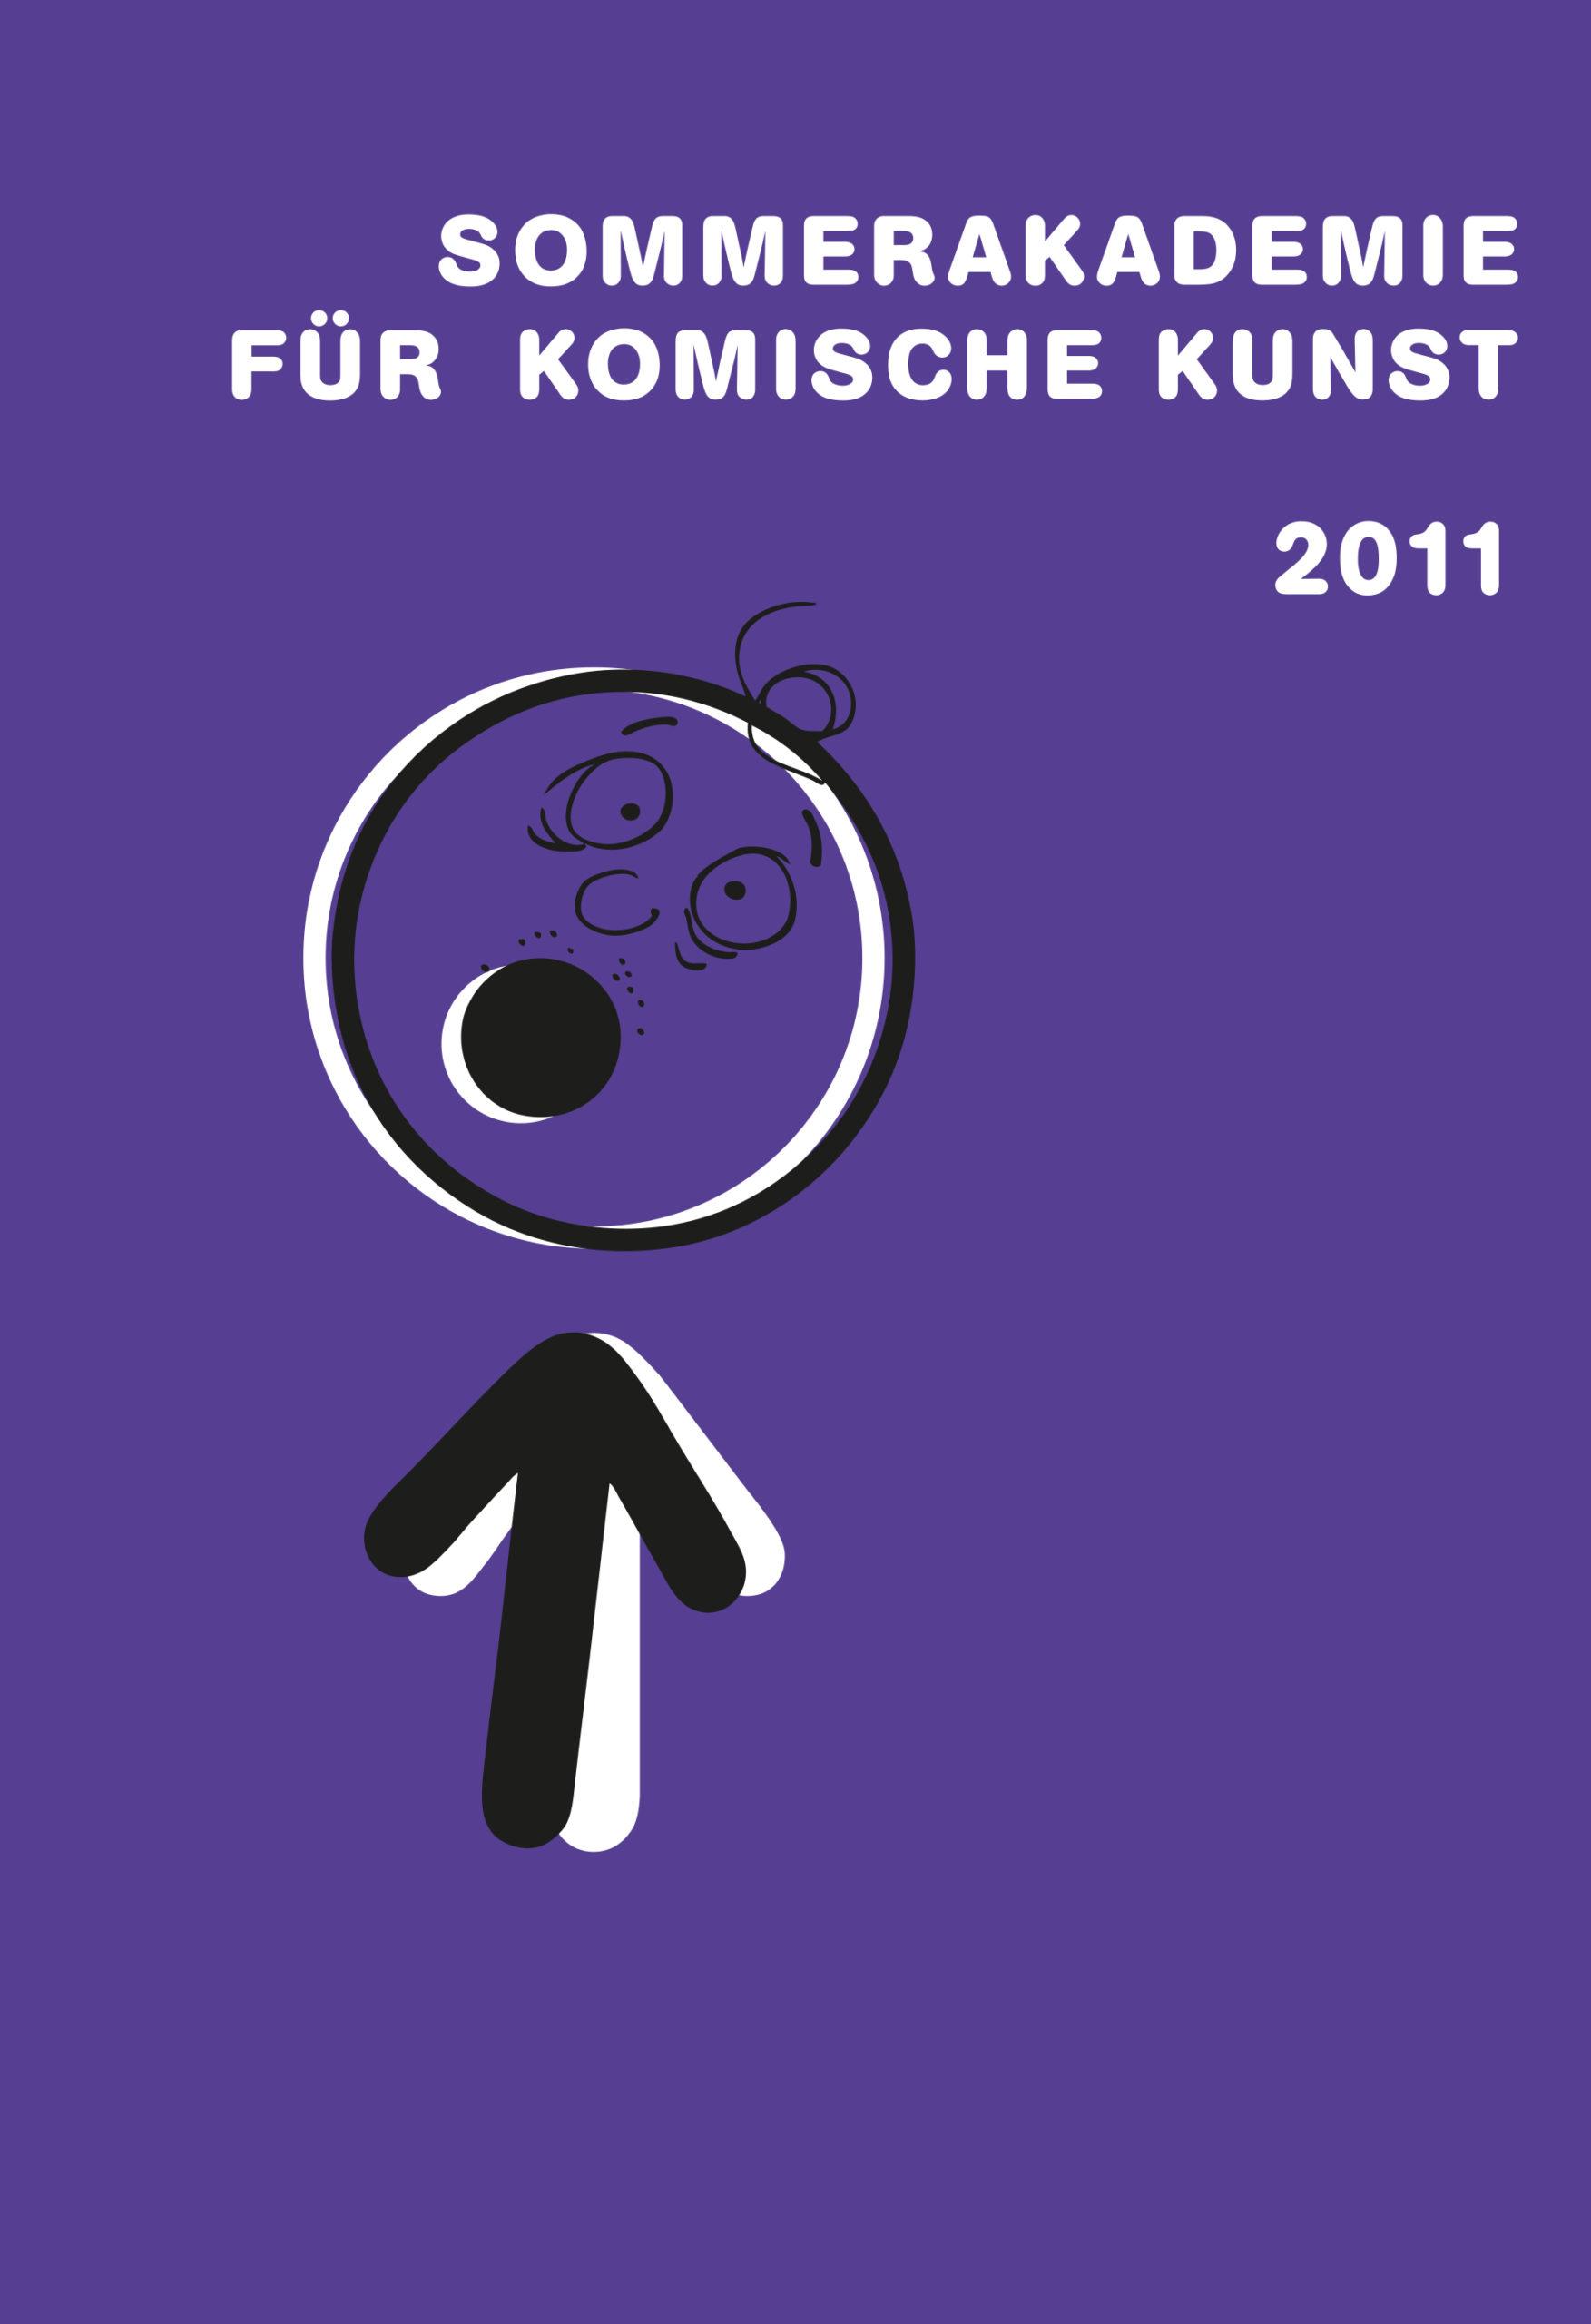 Katalog zur Sommerakademie für Komische Kunst 2011